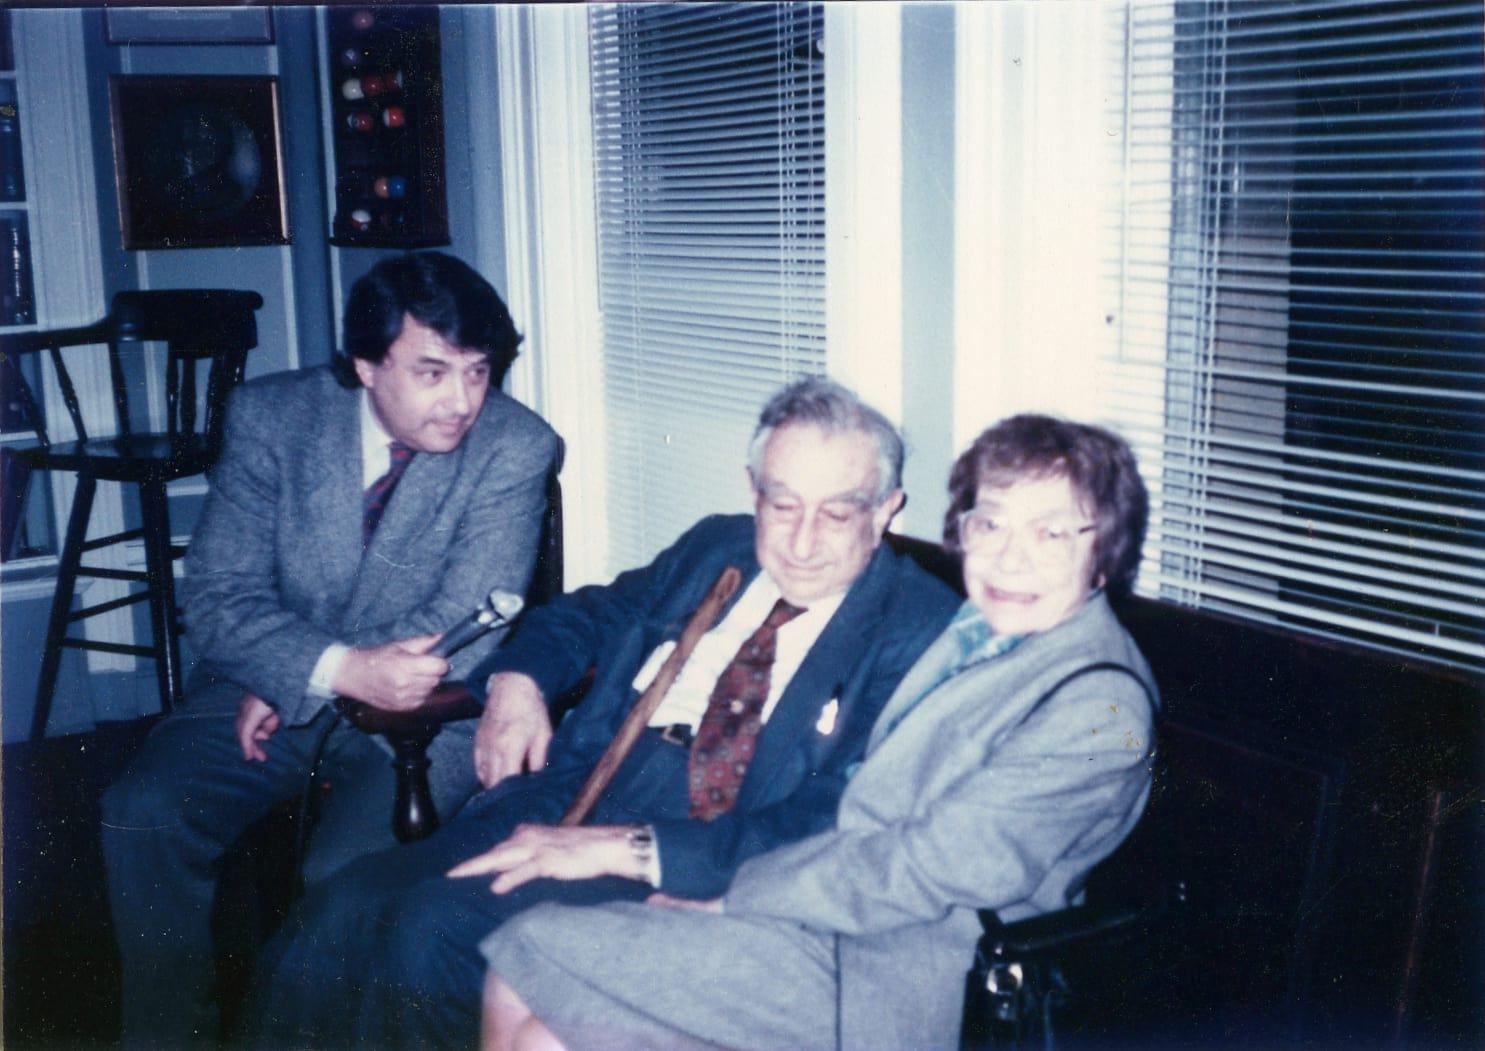 Экспонат #13. С американским физиком Эдвардом Теллером. США. 1988 год